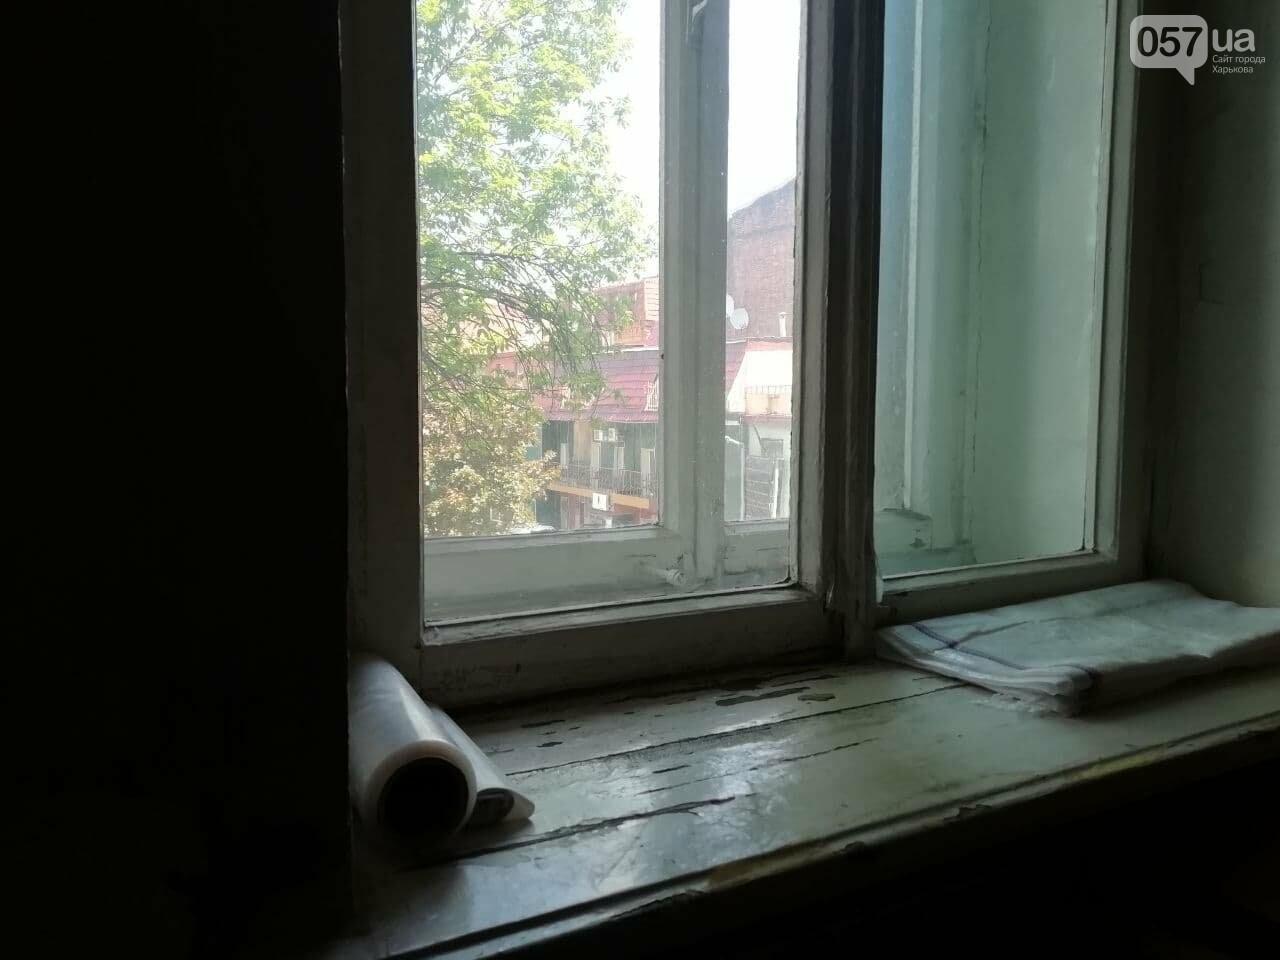 Квартира Шевелева в центра Харькова стала творческой резиденцией, - ФОТО, ВИДЕО, фото-15